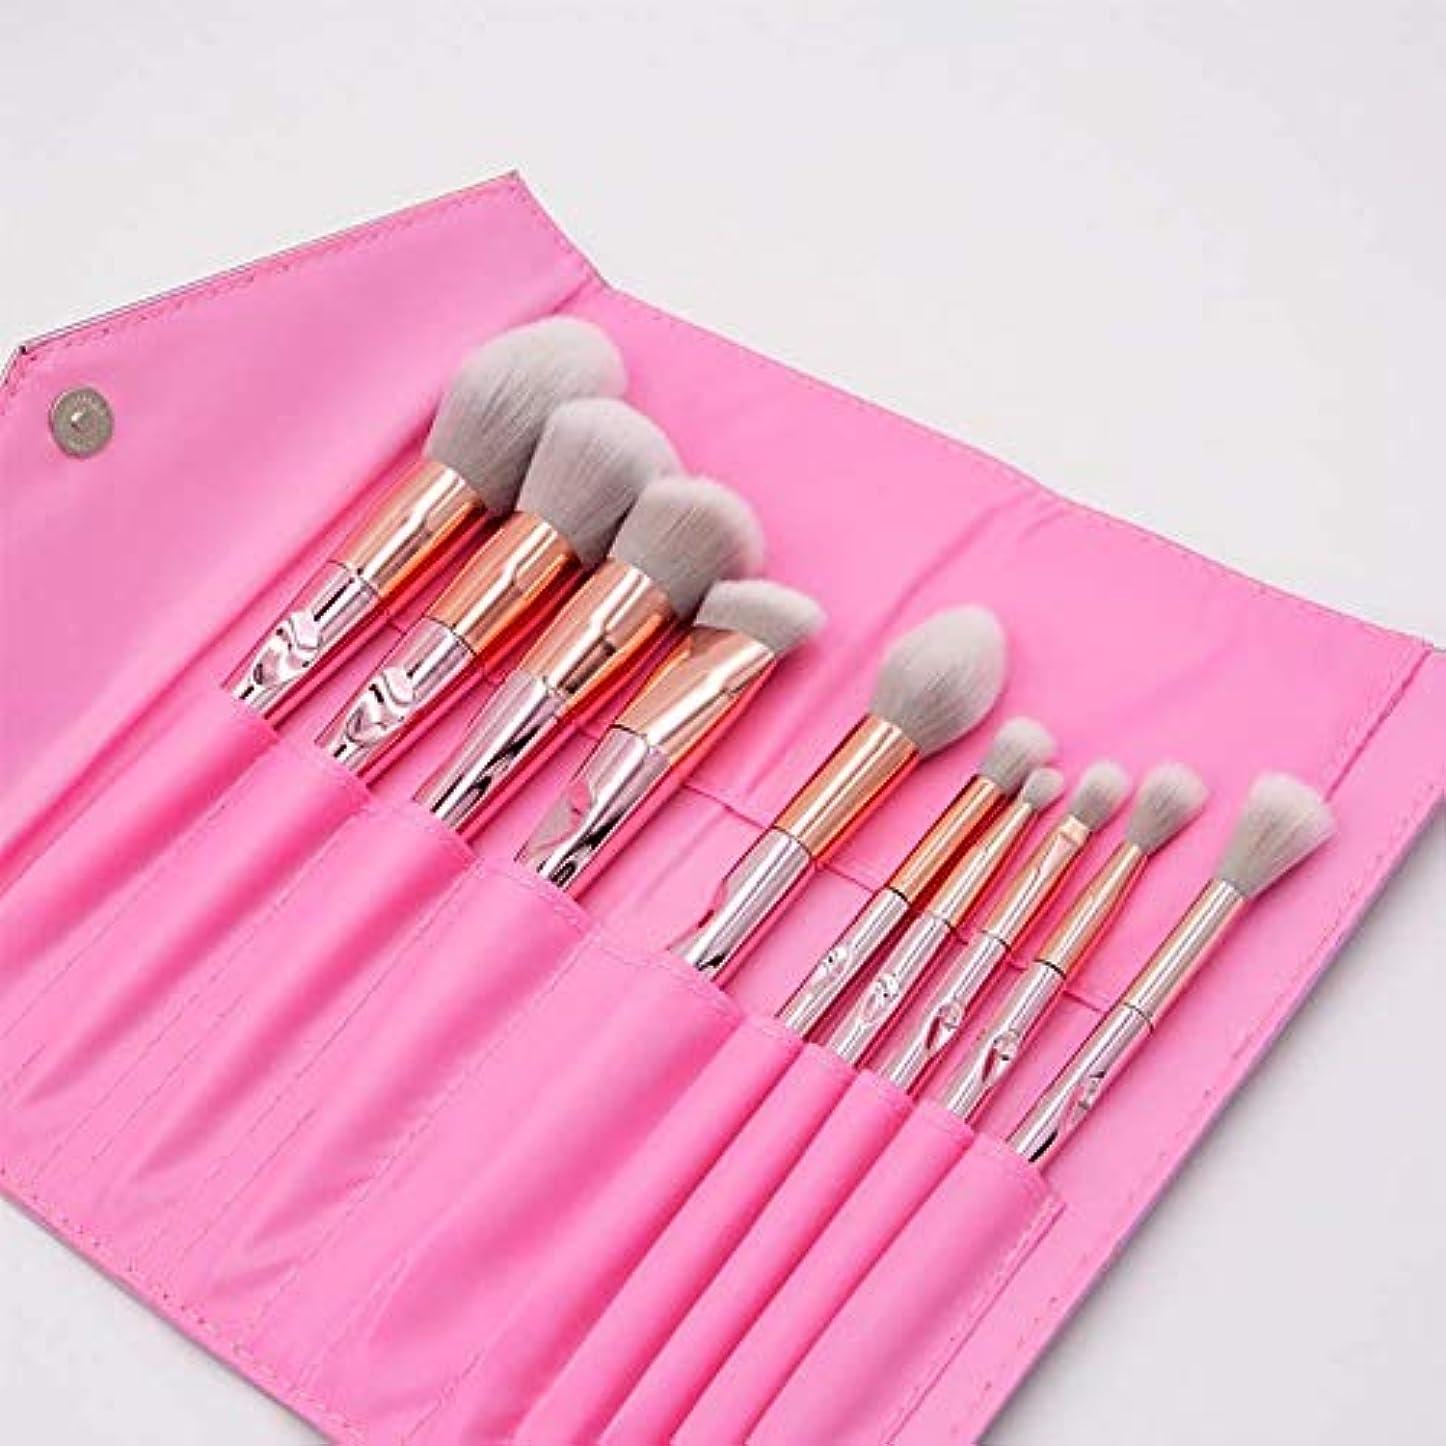 化粧ブラシ、プロの合成ビーガンメイクアップブラシファンデーションブラッシュアイライナーアイシャドウ化粧ブラシセット化粧品袋付き(10個、ピンク)